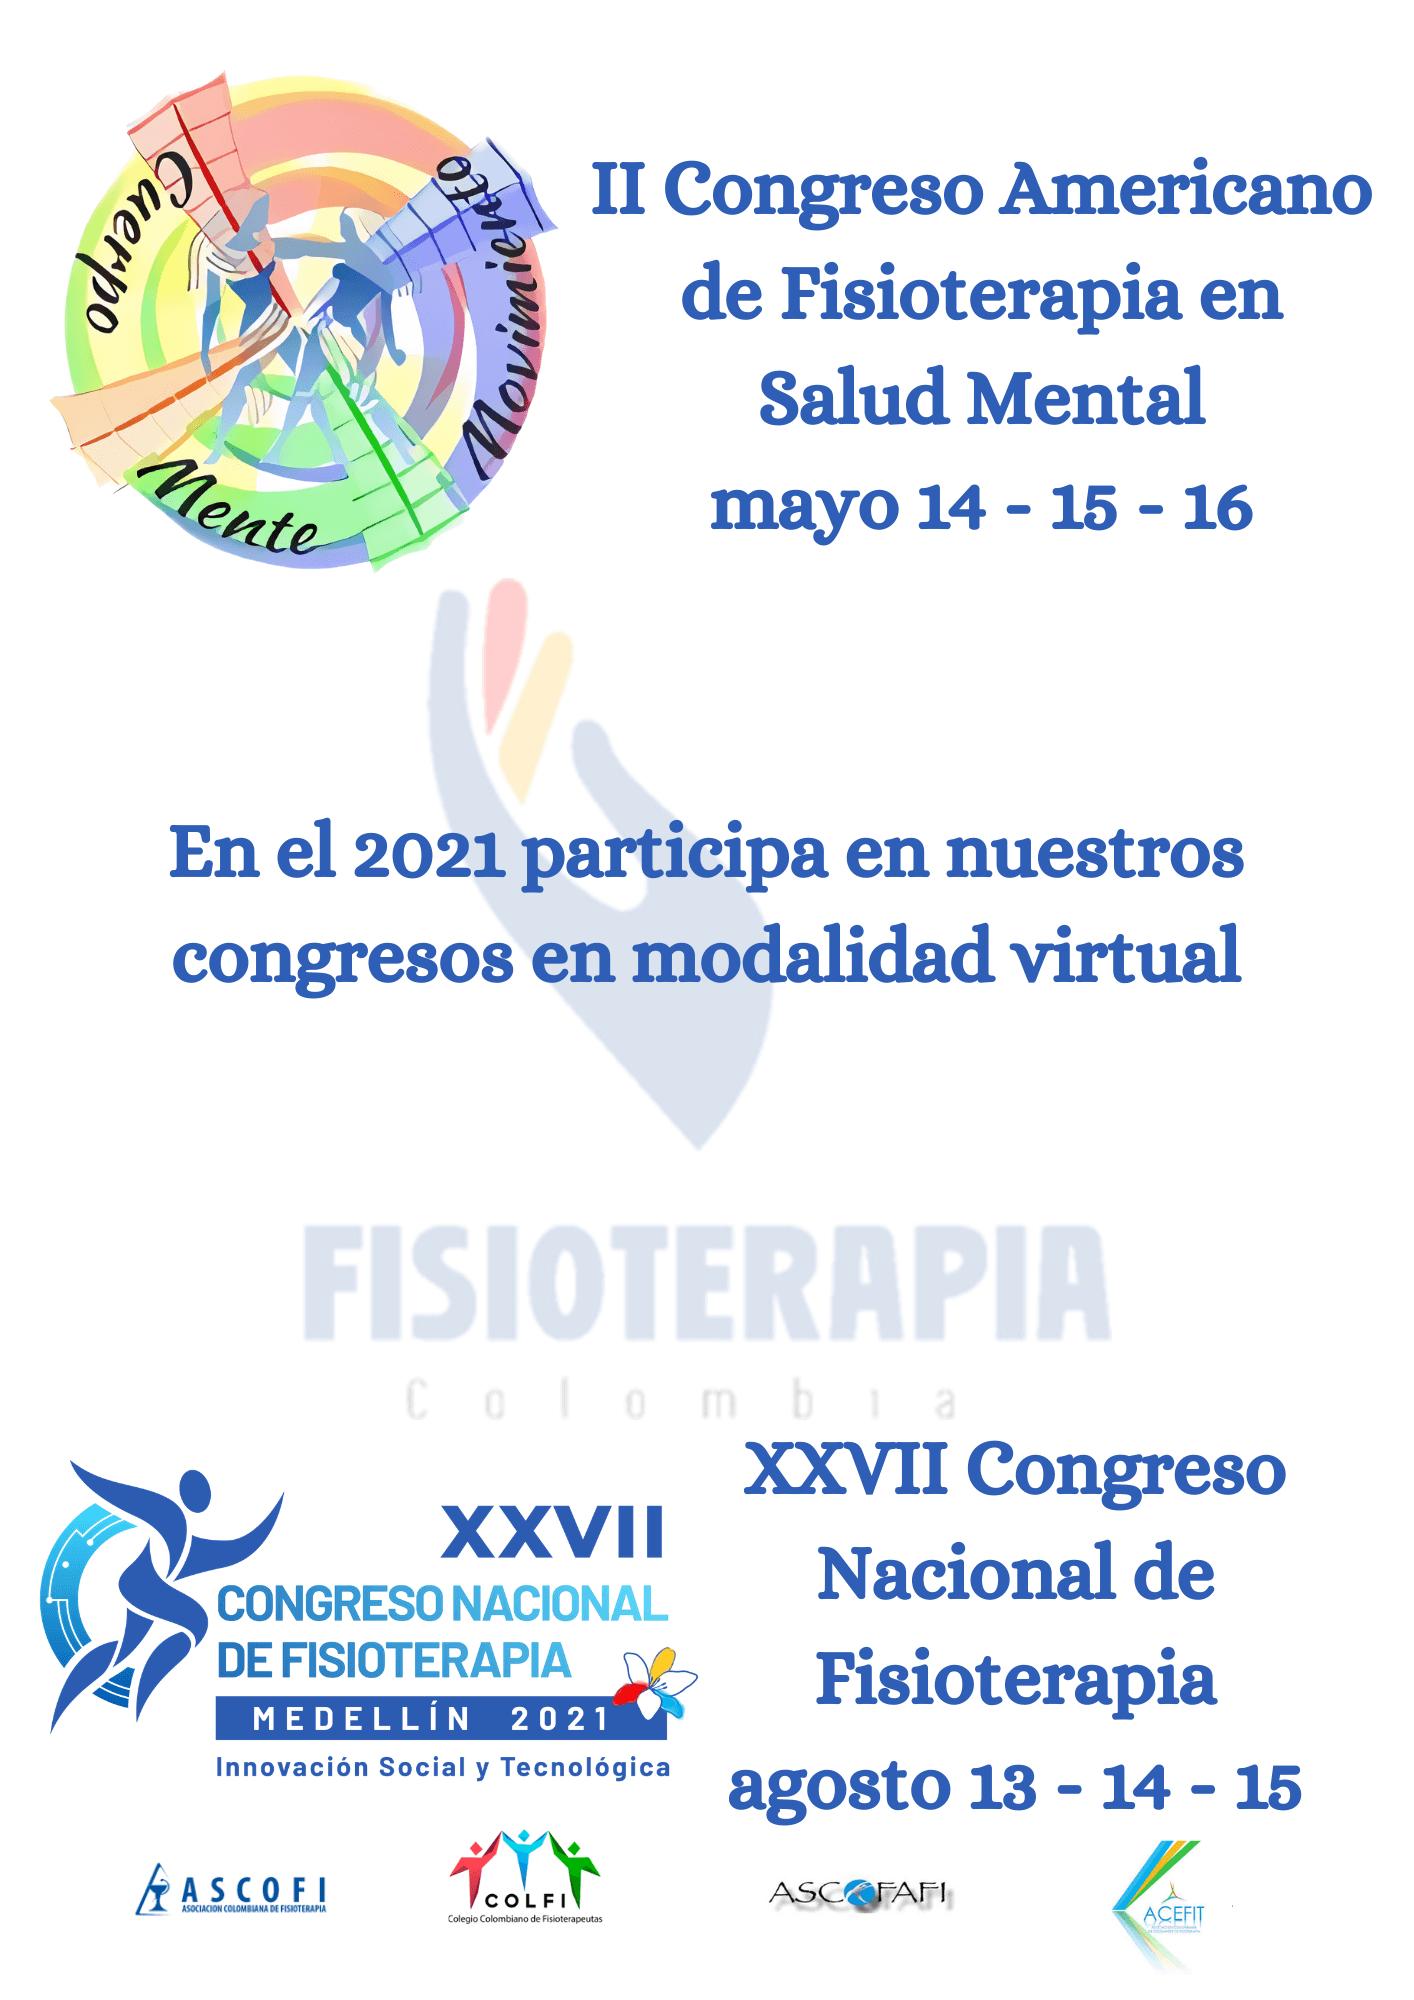 Congresos Fisioterapia 2021